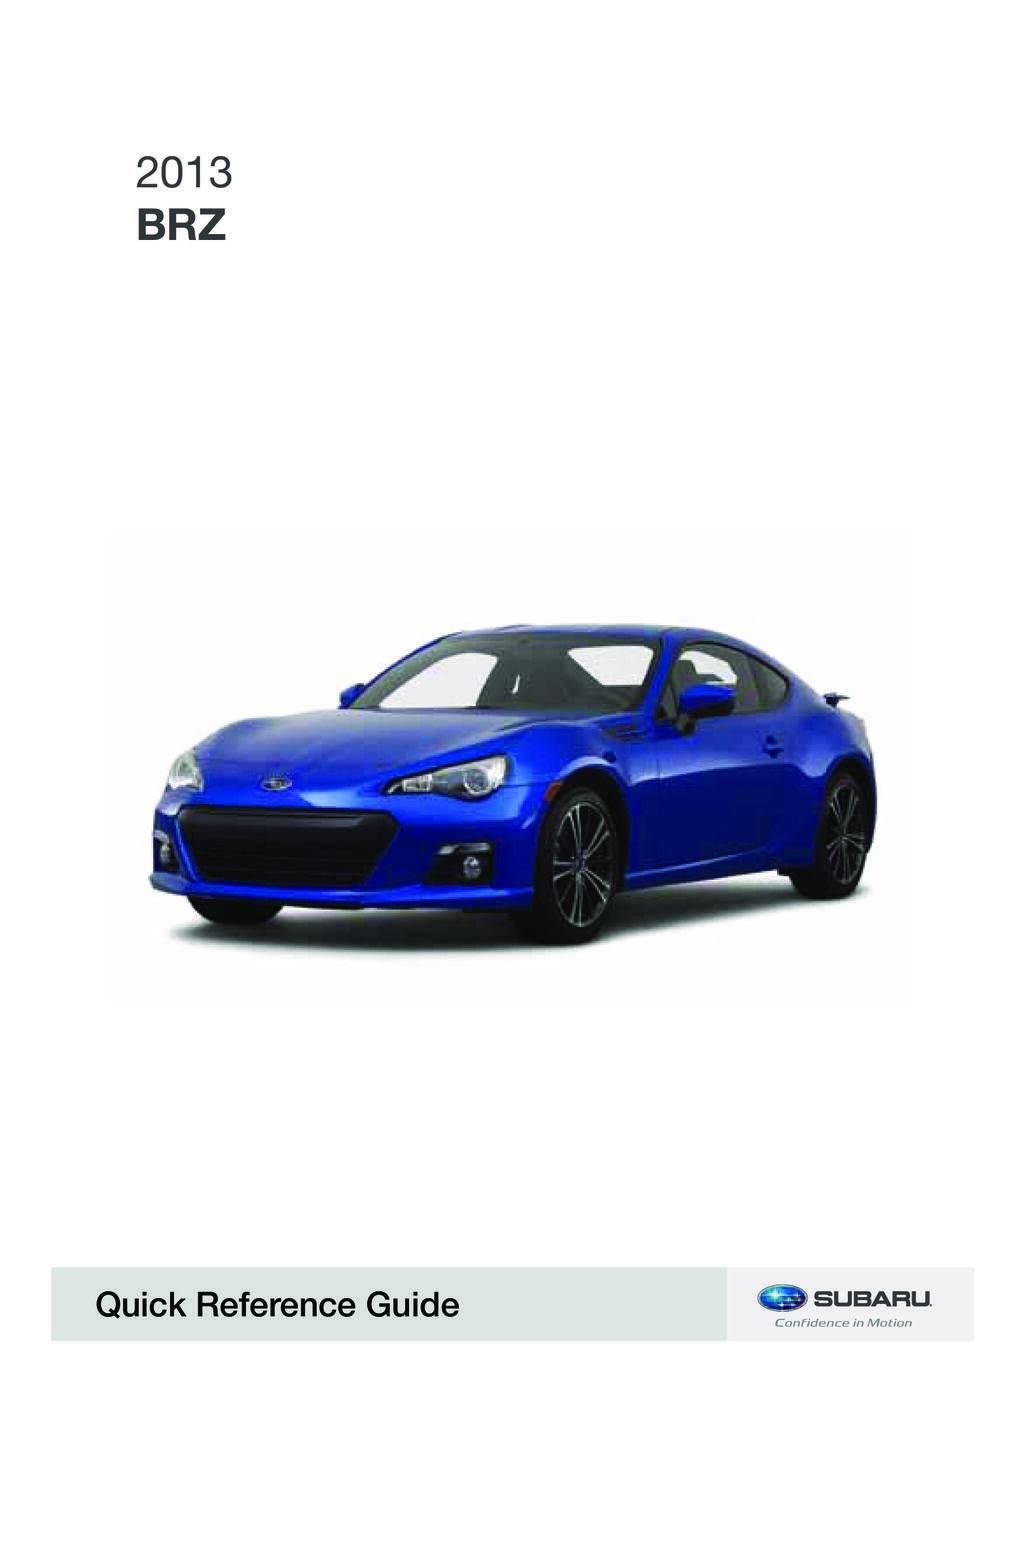 2013 Subaru Brz owners manual